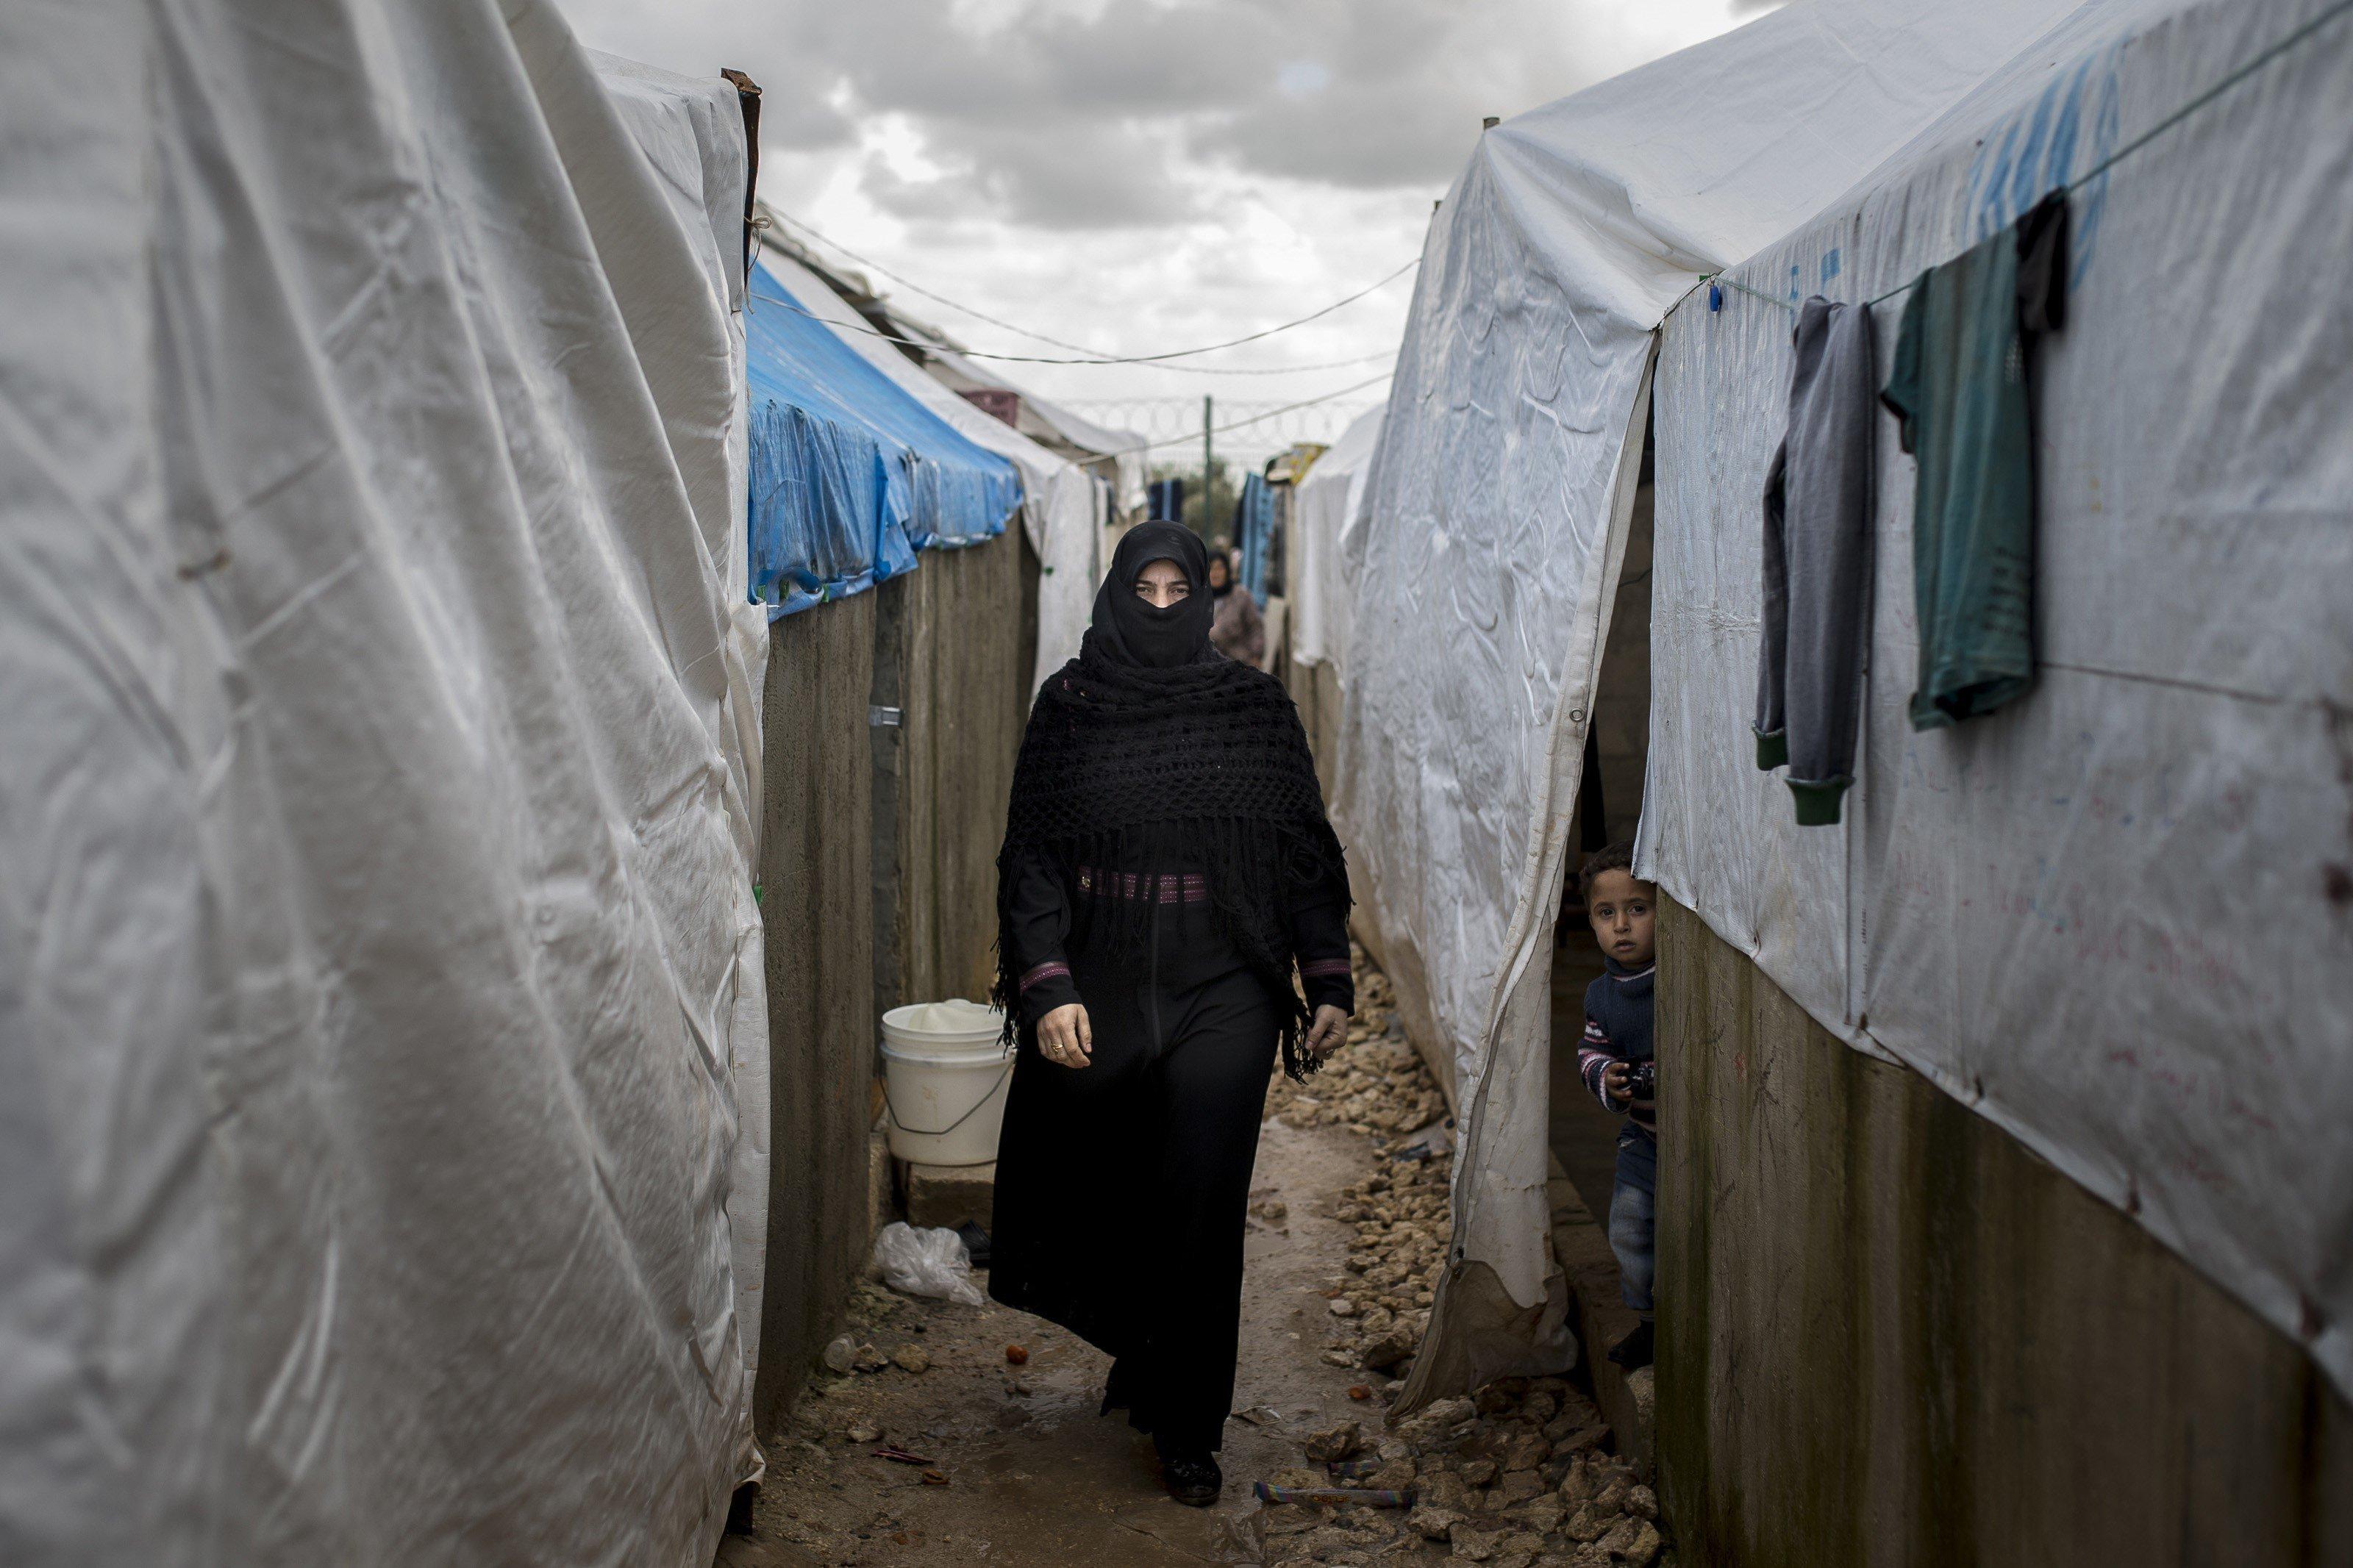 ΟΗΕ: Οι βιασμοί χρησιμοποιούνται ως όπλο στον πόλεμο της